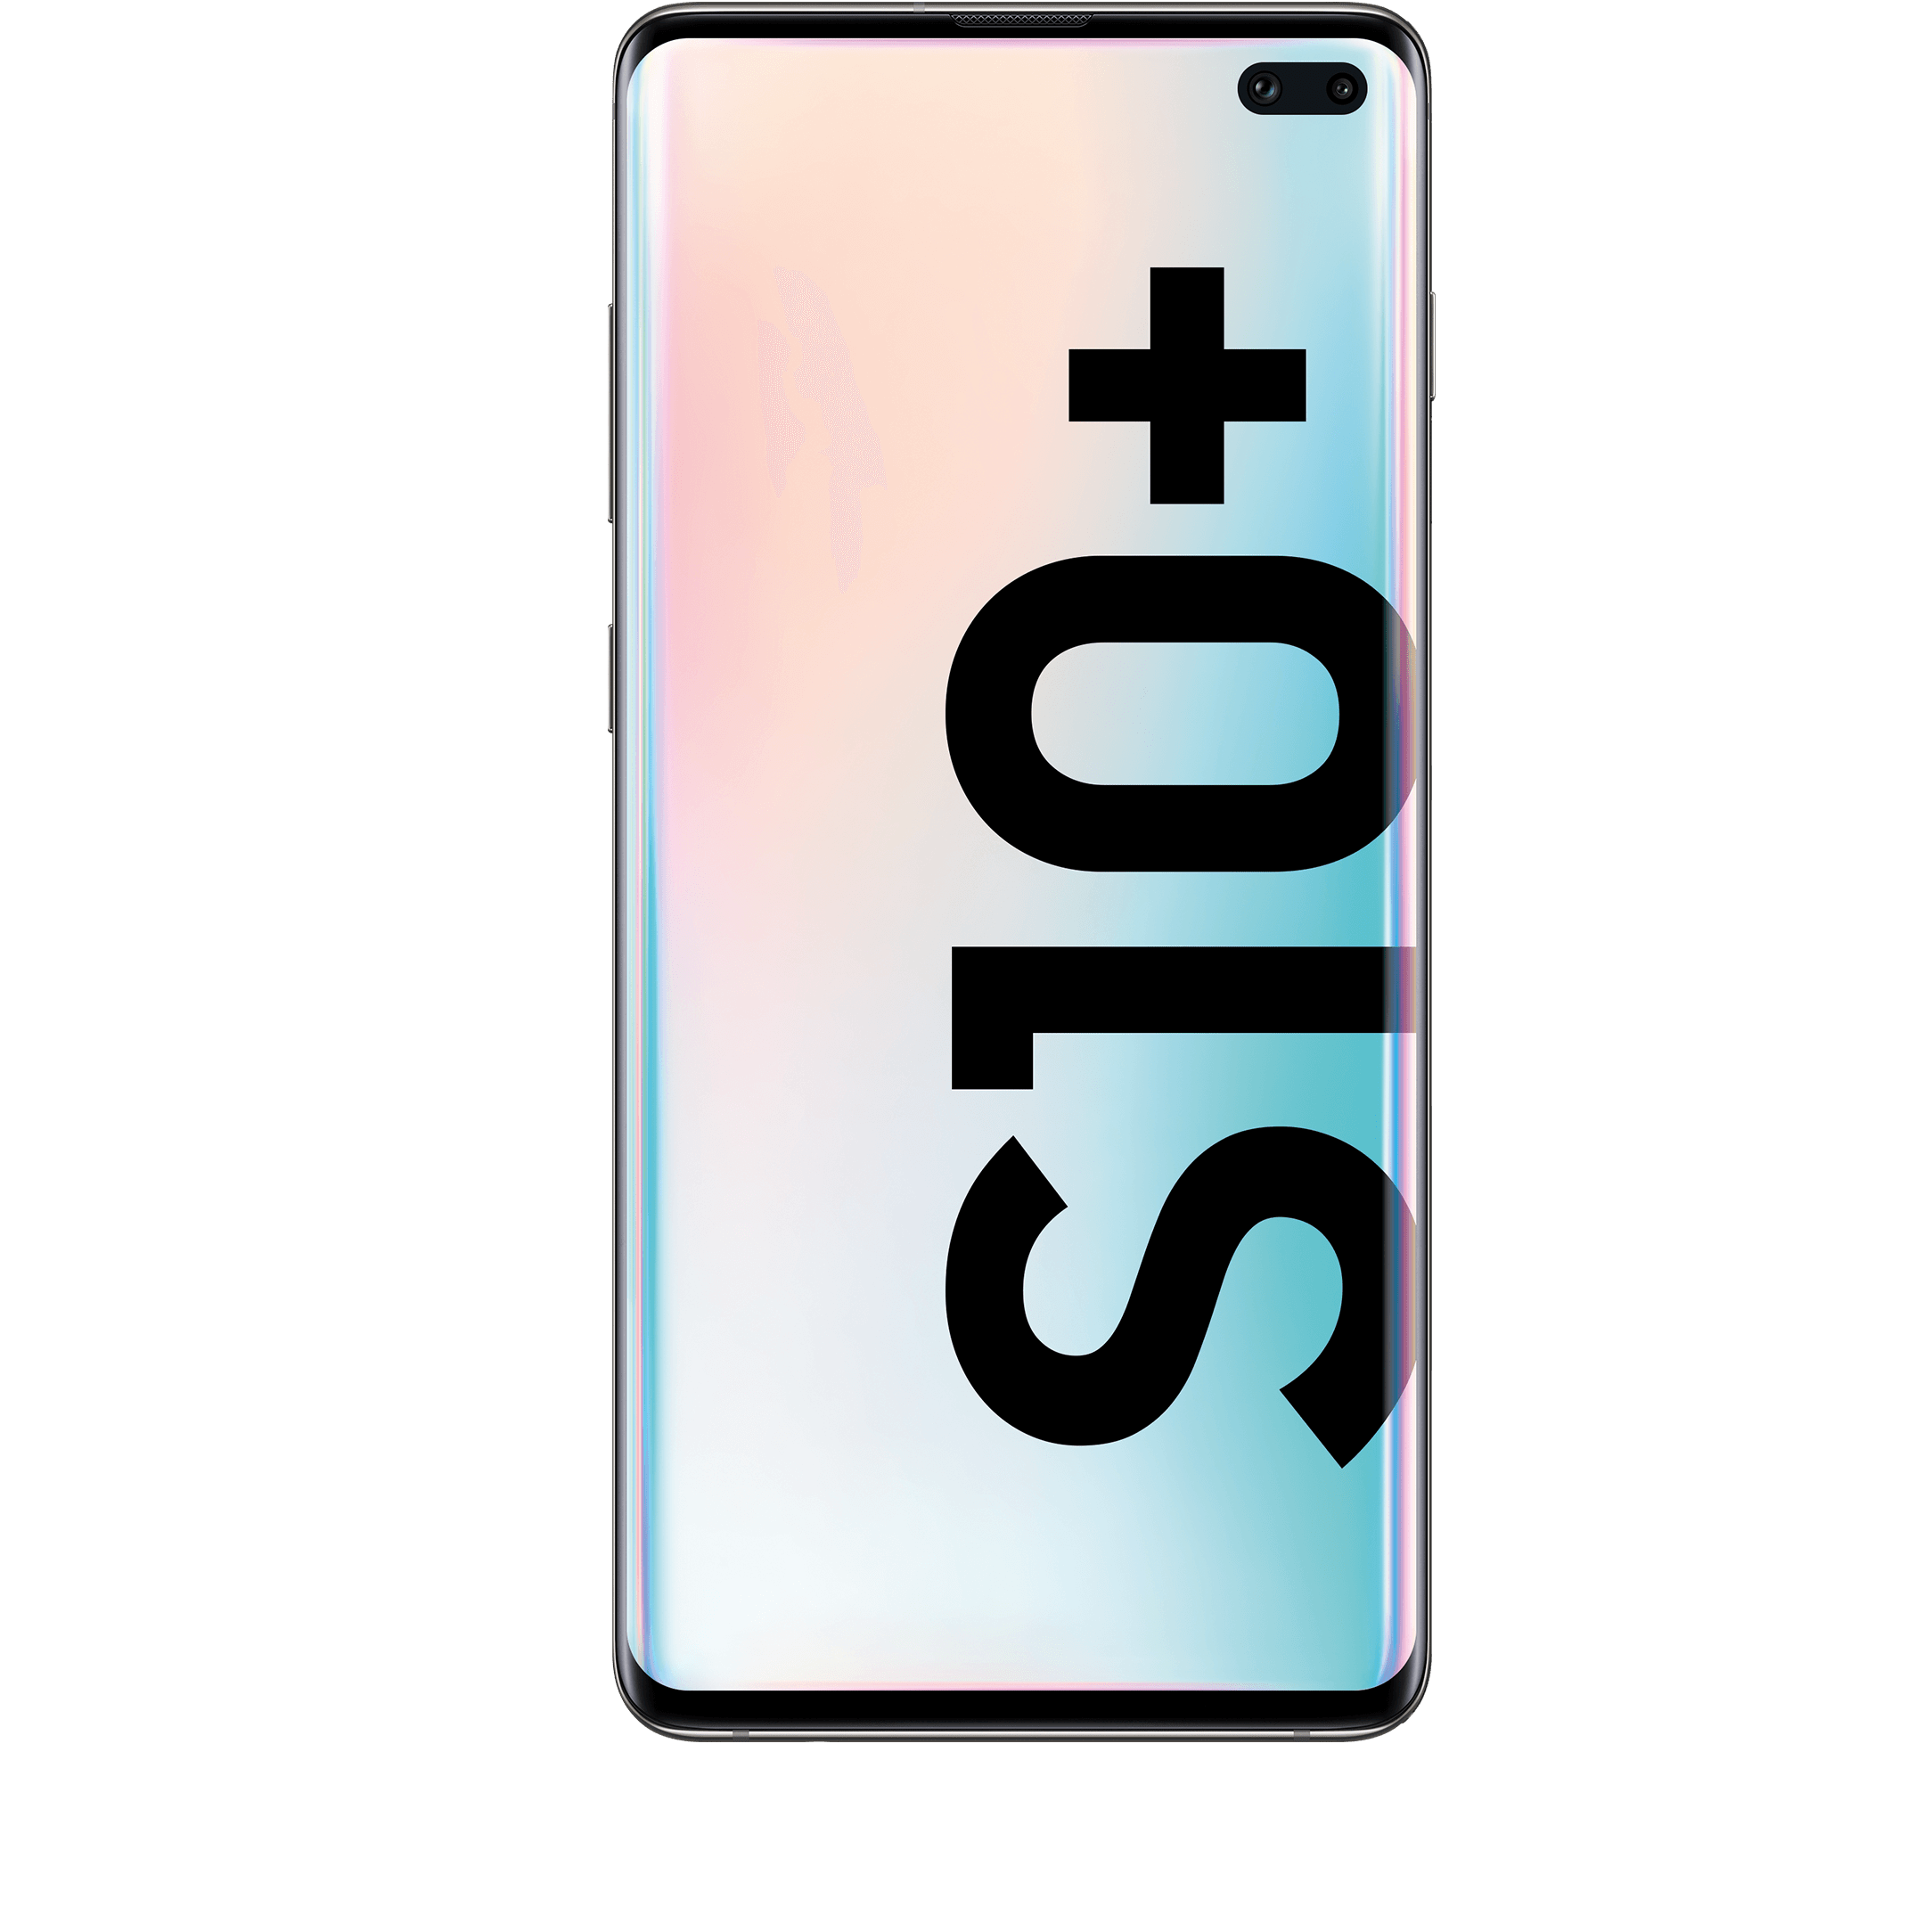 Günstig Kaufen beim Preisvergleich-Samsung Galaxy S10+ 128 GB schwarz mit Allnet Flat L